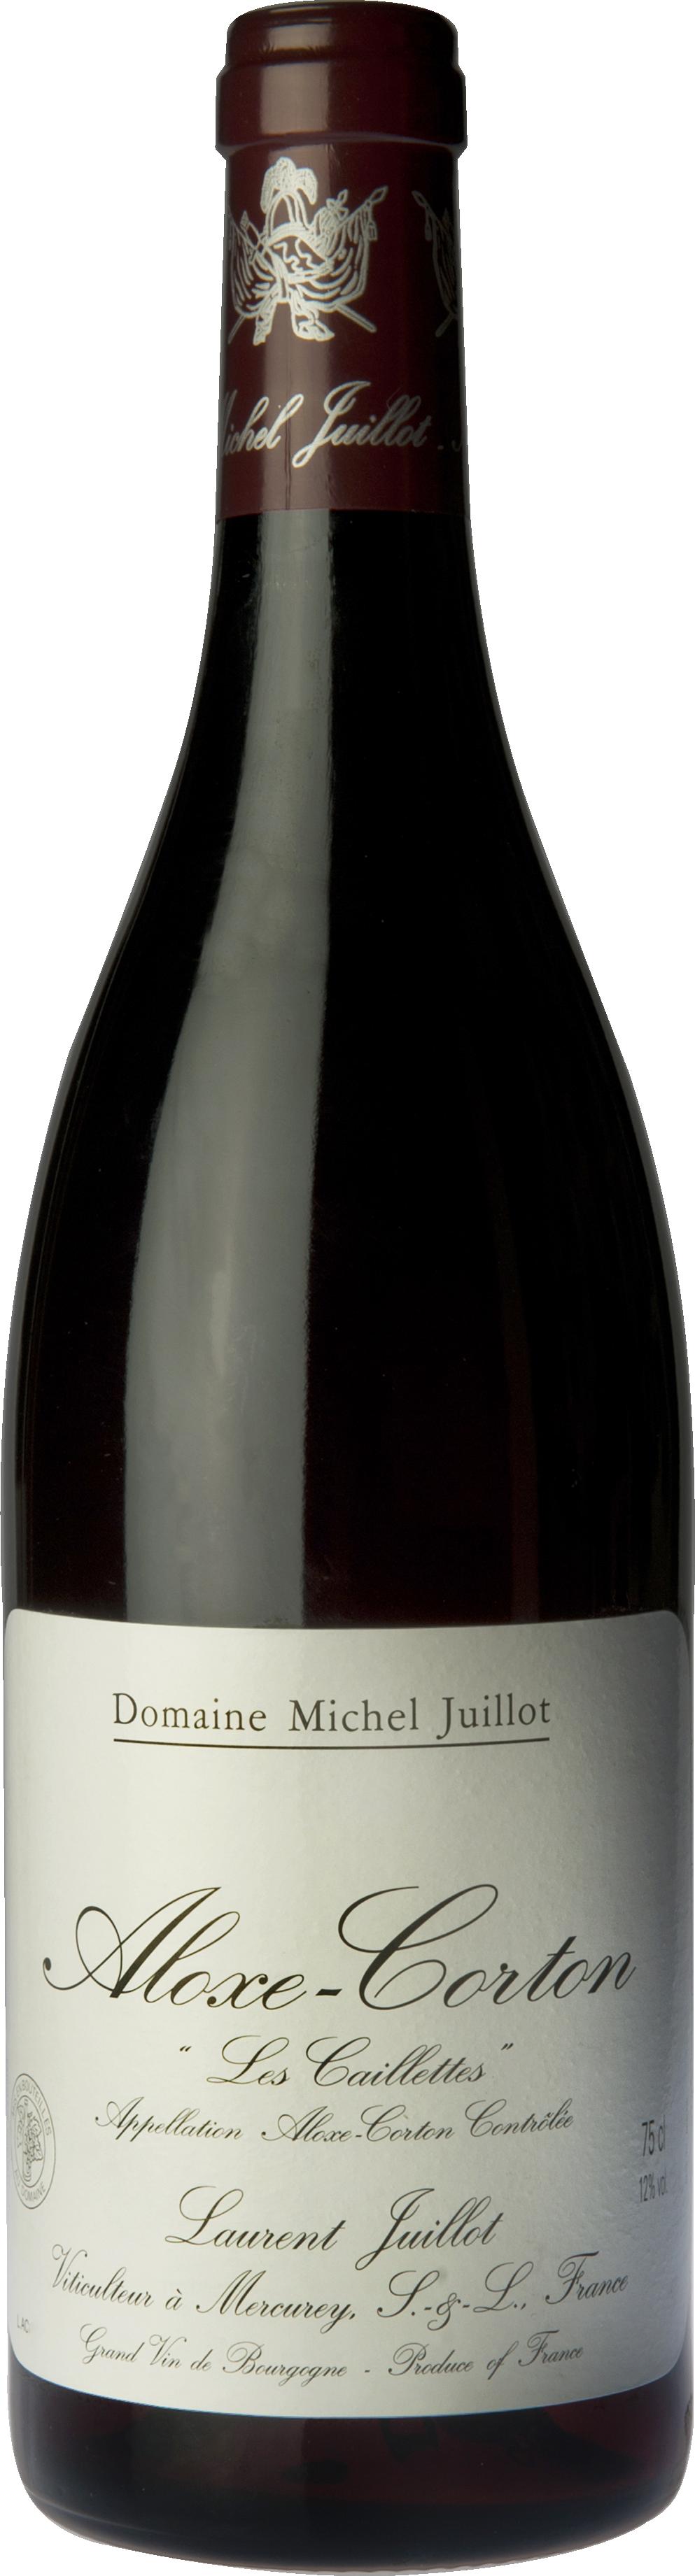 Domaine Michel Juillot bouteille d'Aloxe Corton Les Caillettes